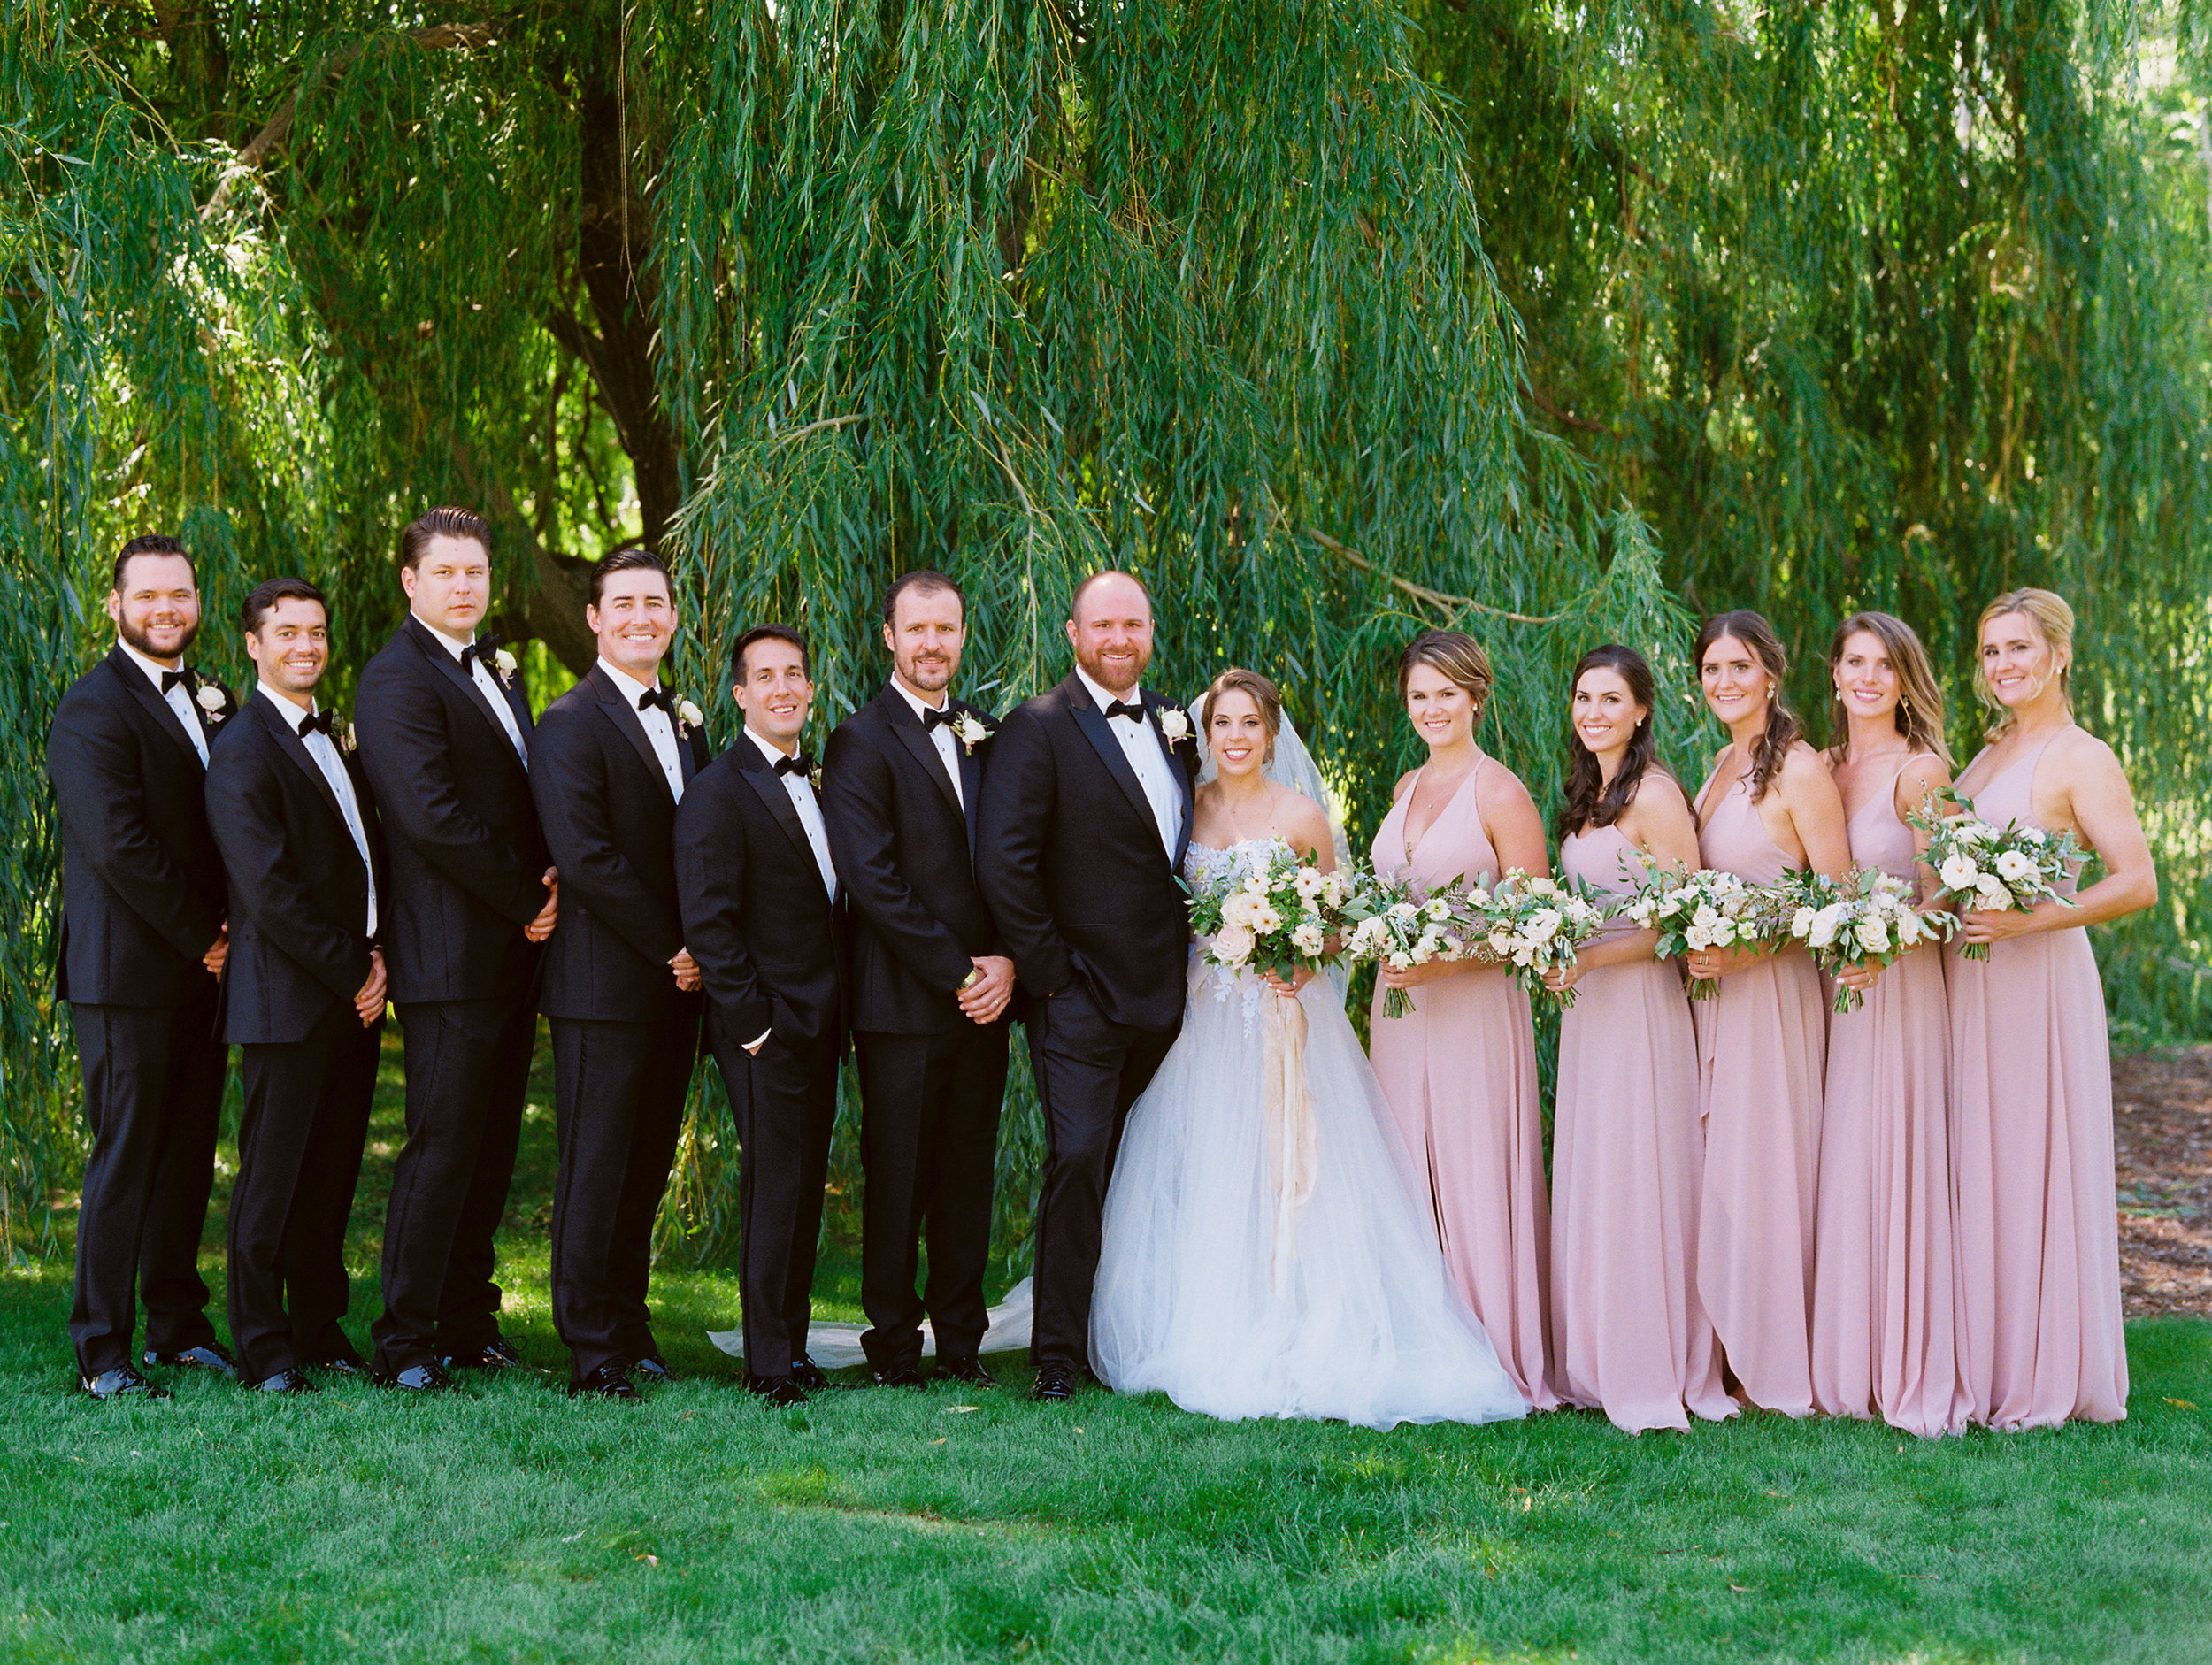 Steinlage+Wedding+Bridal+Party-148.jpg